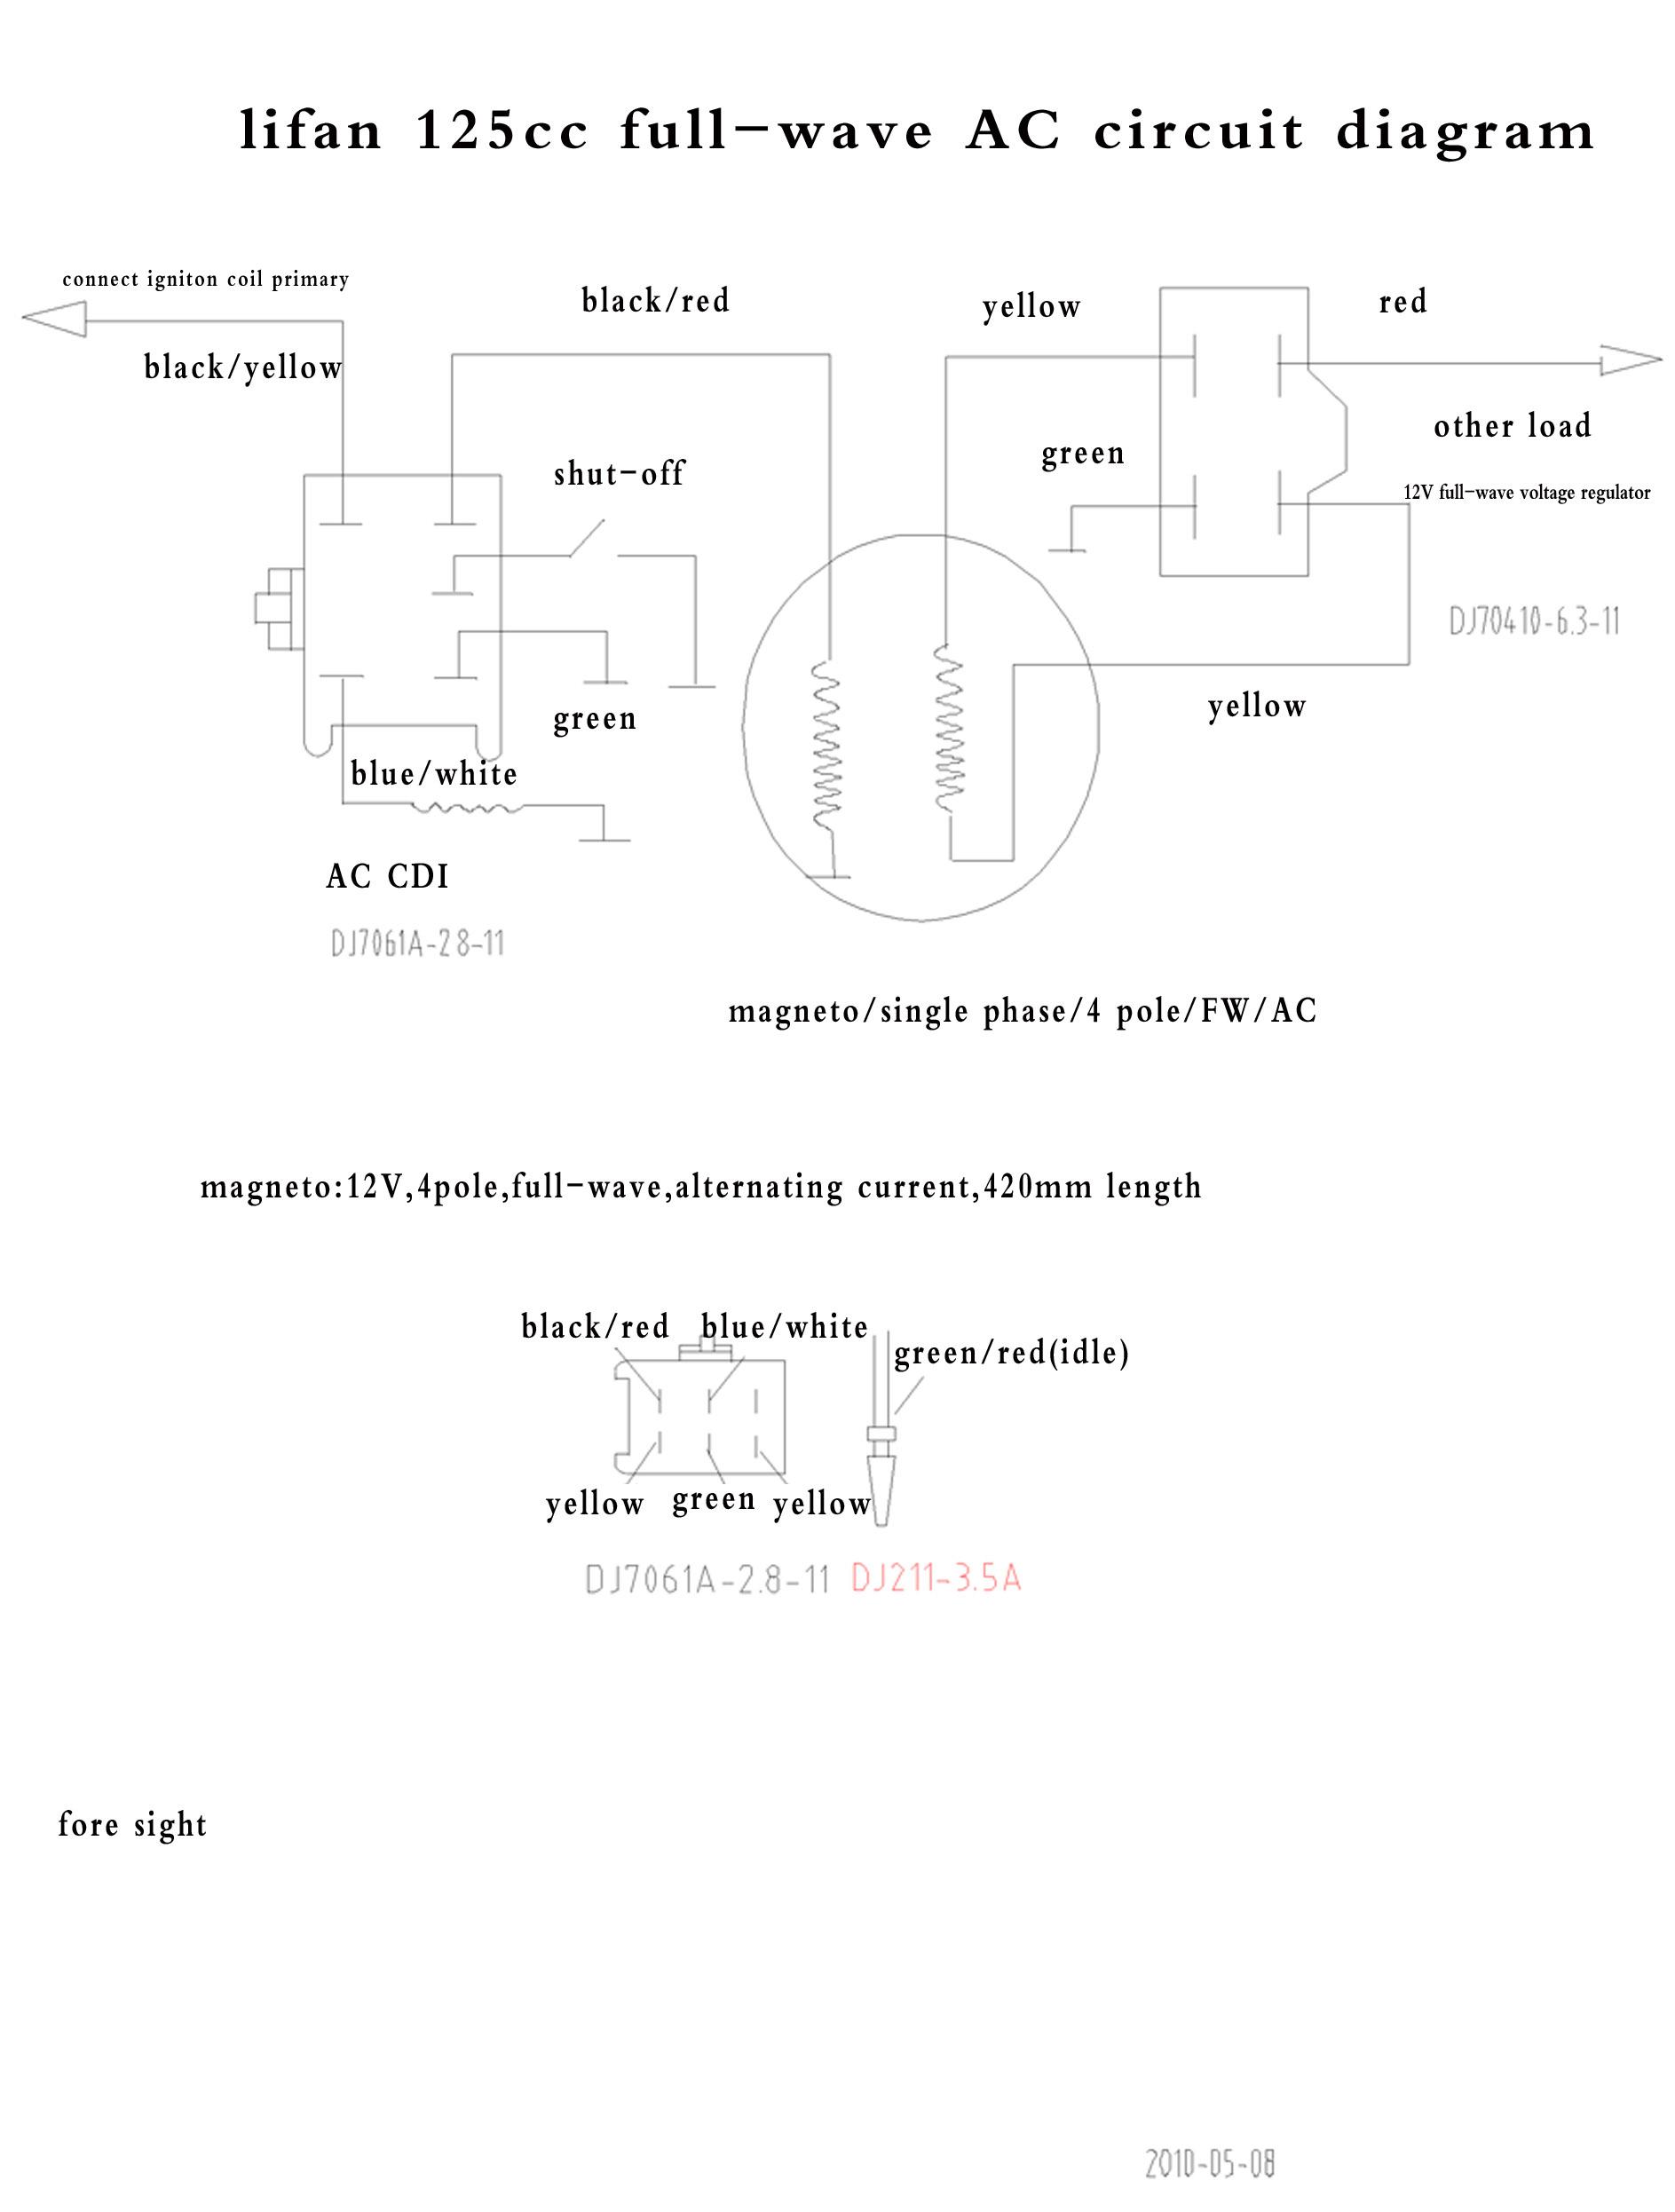 hight resolution of schematy serwis atilde sup wki itp forum posiadaczy motocykli z silnikiem wiring diagram dhz com au